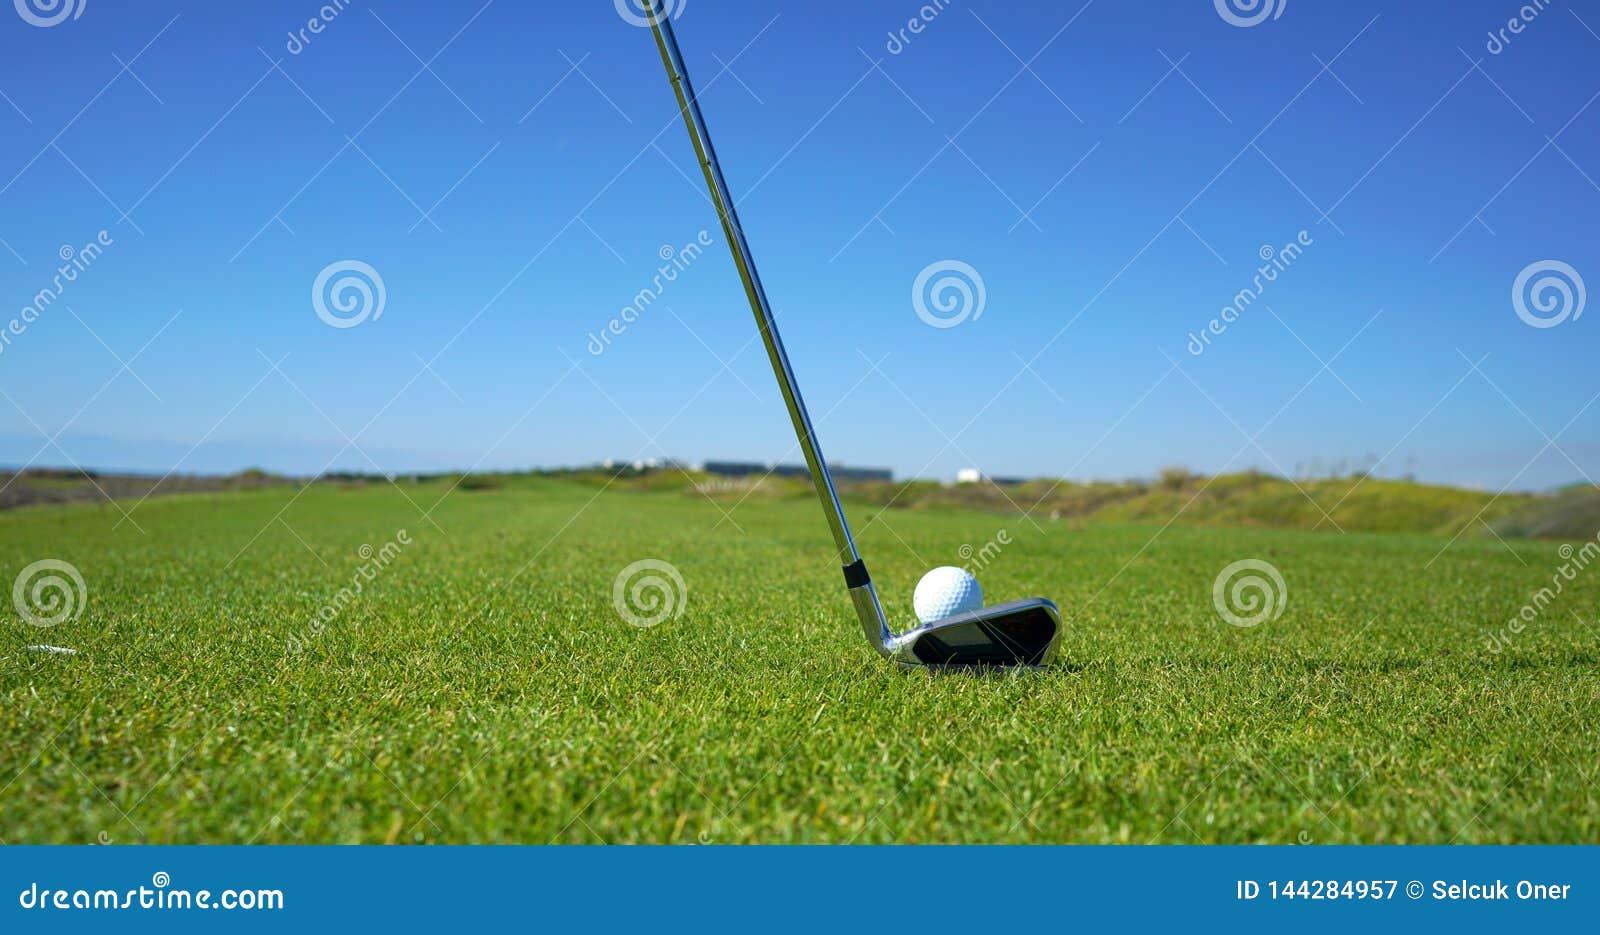 高尔夫球场和高尔夫球